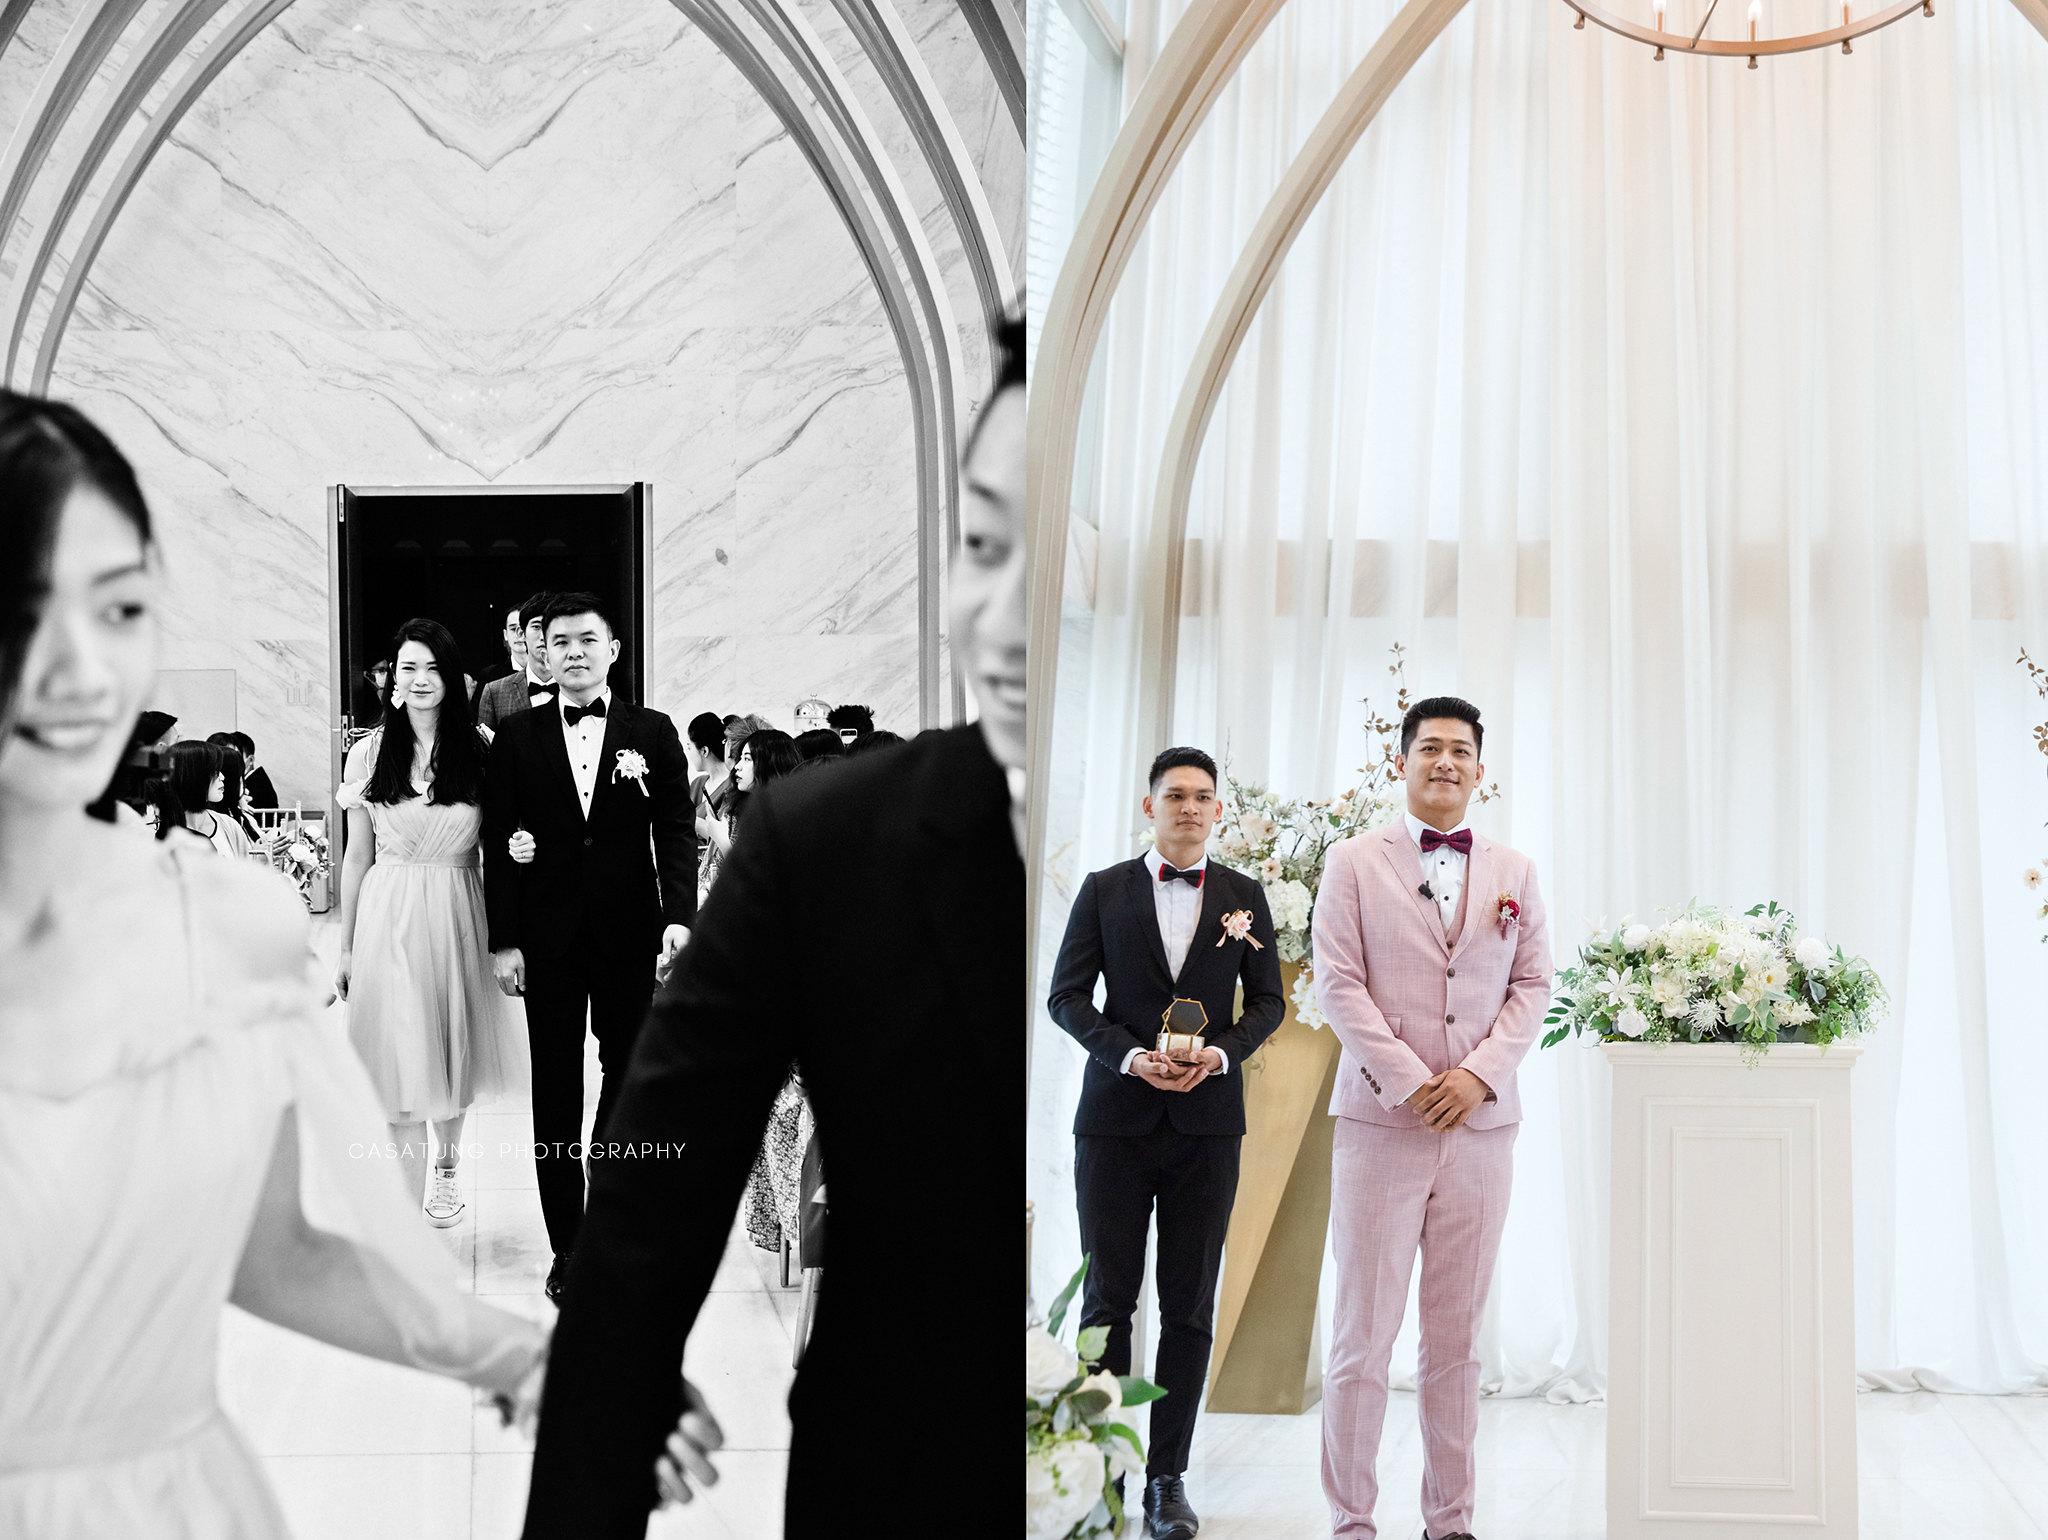 戶外婚禮, 手工婚紗, 台中婚攝, 自助婚紗, 婚紗工作室, 婚紗推薦旋轉木馬, 婚攝推廷, 婚攝CASA, 推薦婚攝, 旋轉木馬婚紗, 萊特維庭婚禮, 禮服出租, lightweeding,萊特薇庭婚攝-26